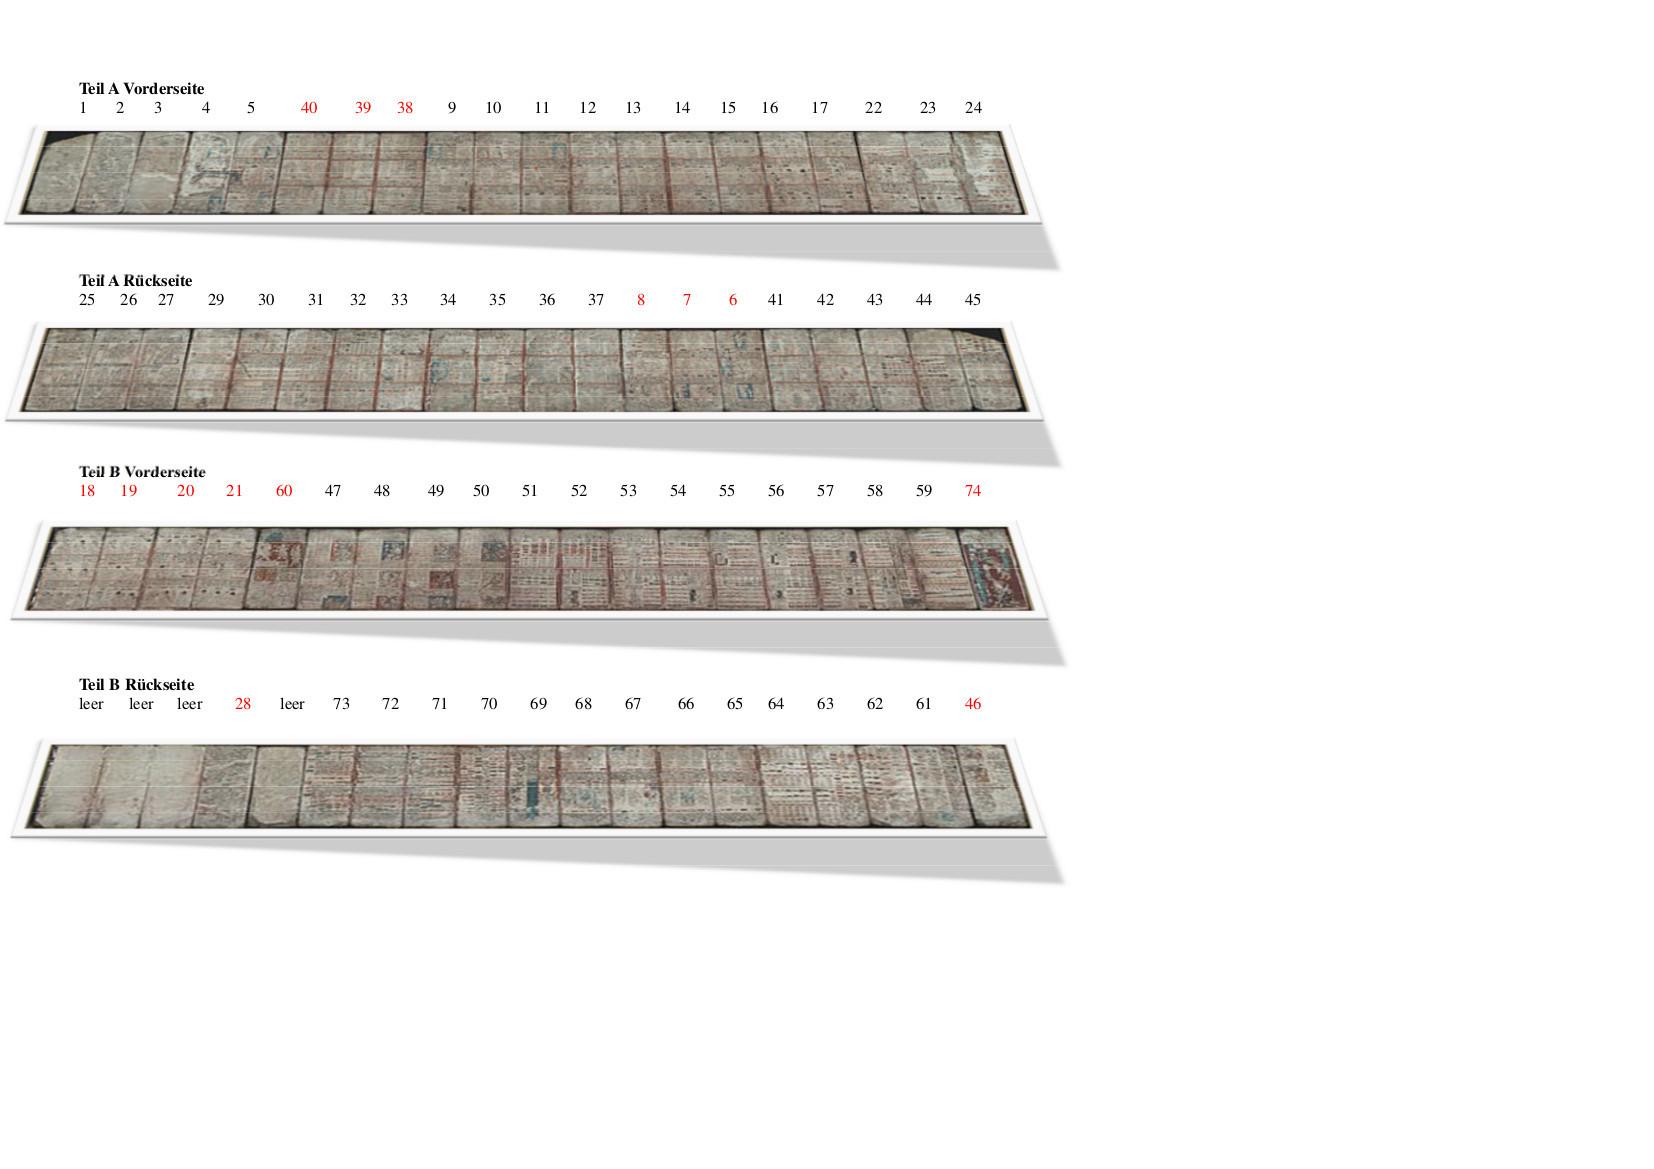 Codex Dresdensis Seitenfolge